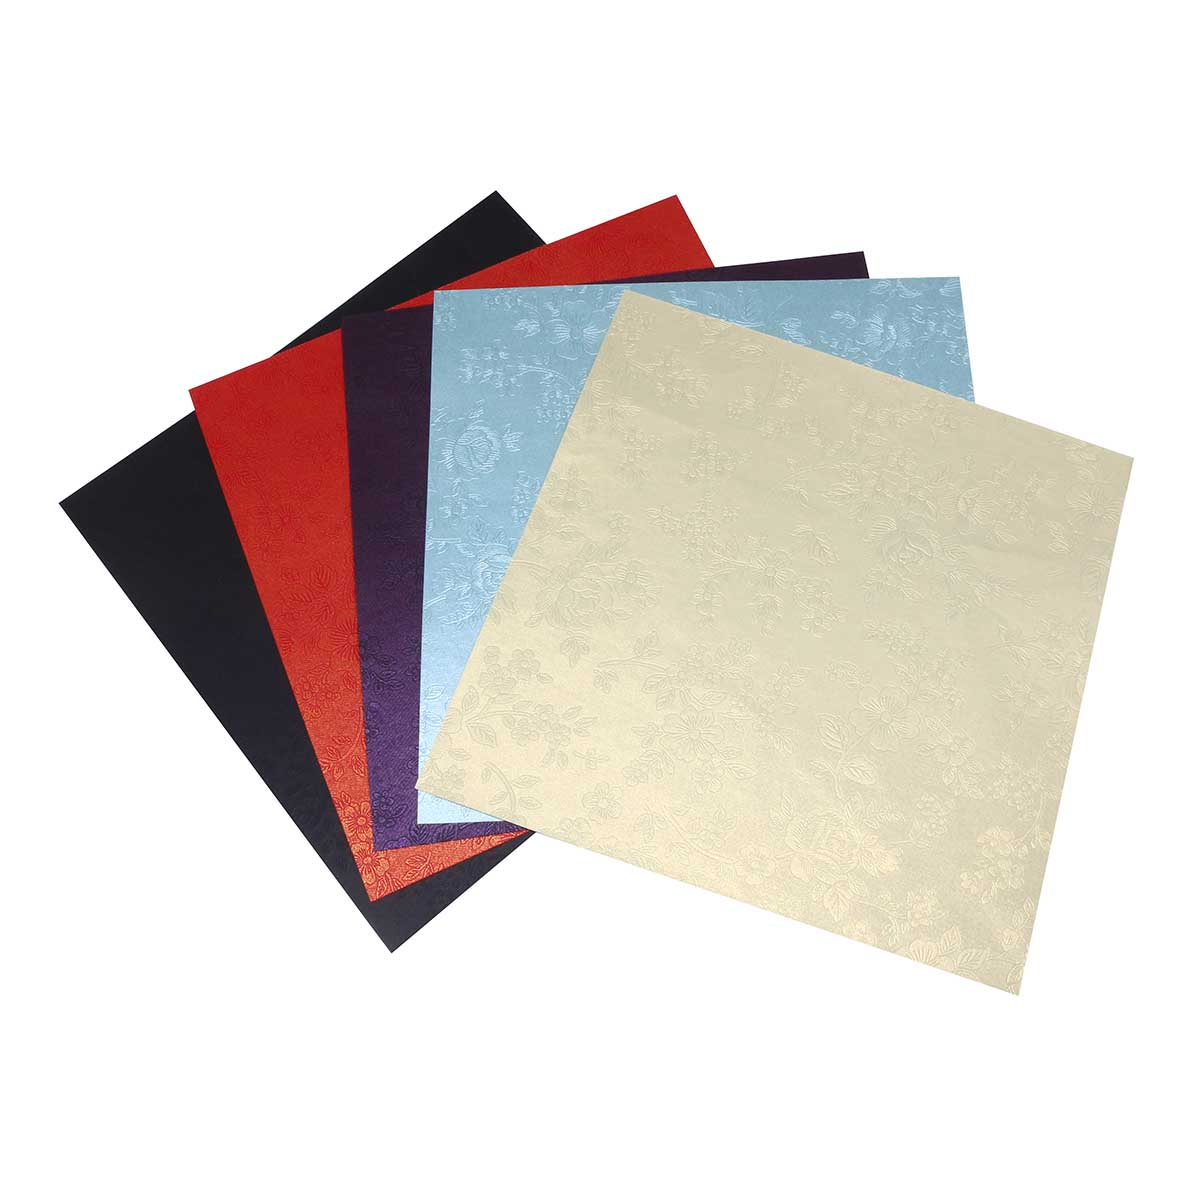 Текстурированная бумага для скрапбукинга 'Камелия', 120 гр., 20*20 см, 'Астра'